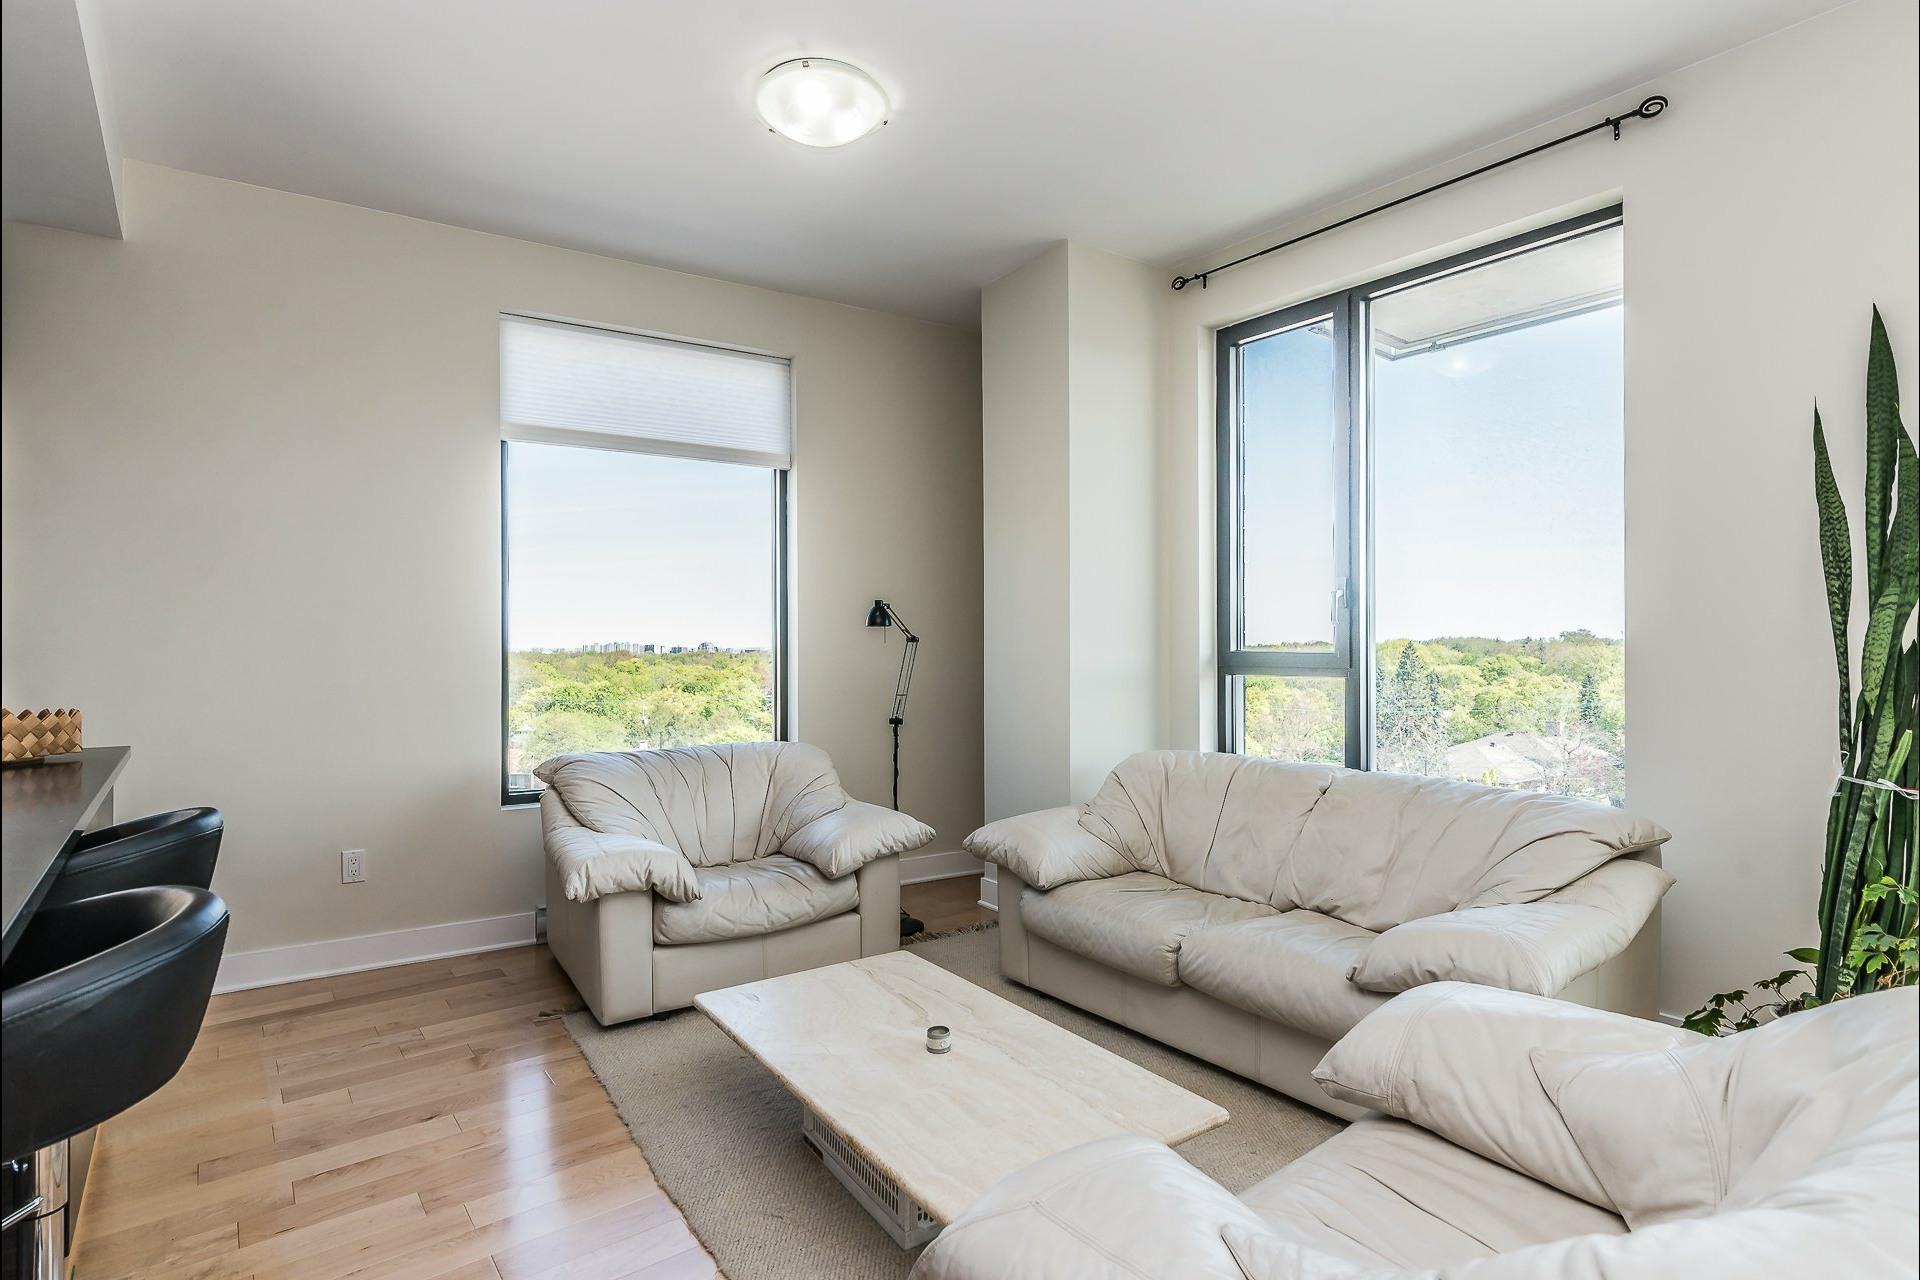 image 2 - Appartement À louer Montréal Côte-des-Neiges/Notre-Dame-de-Grâce  - 5 pièces